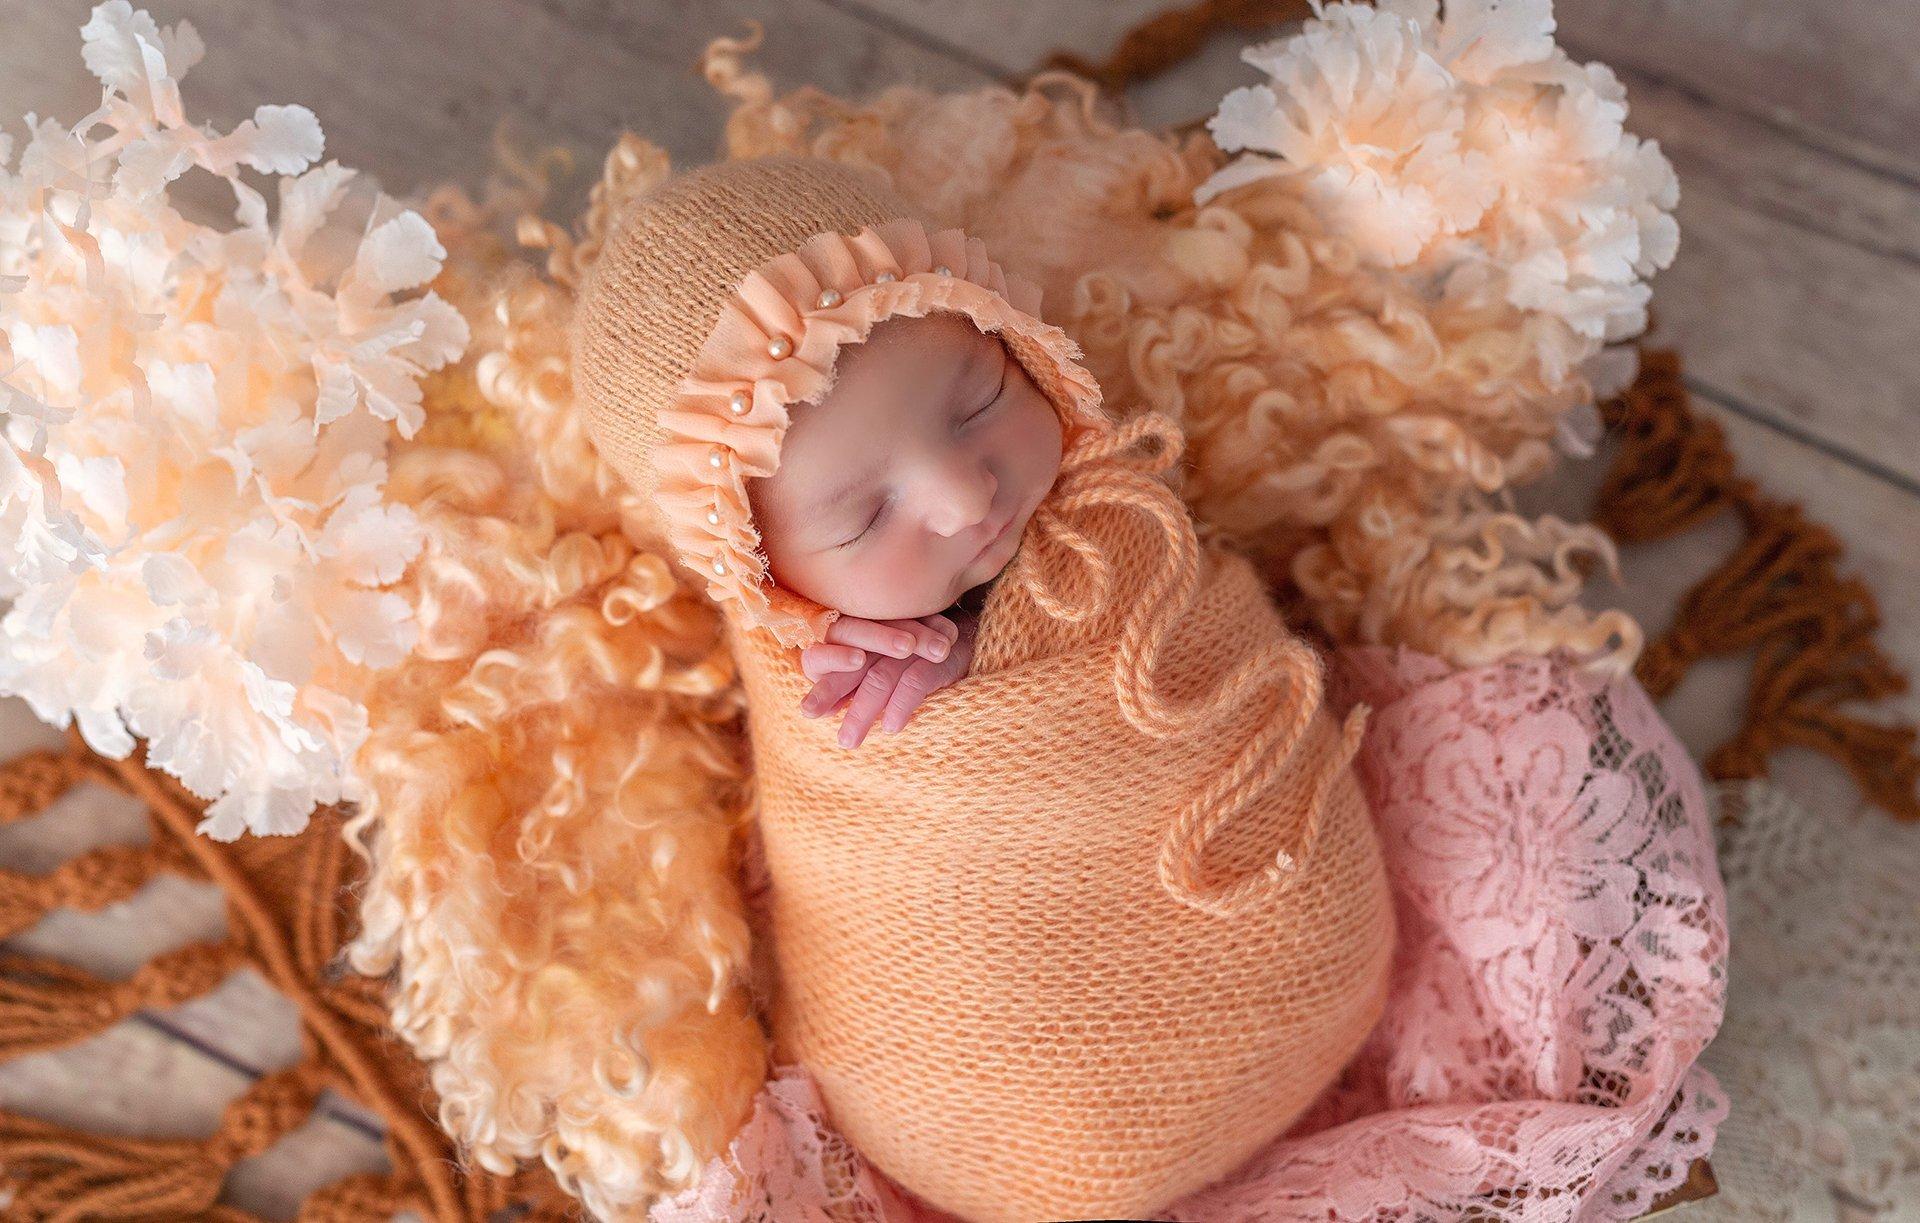 Doğum Fotoğrafçısı Seçerken Dikkat Etmeniz Gerekenler